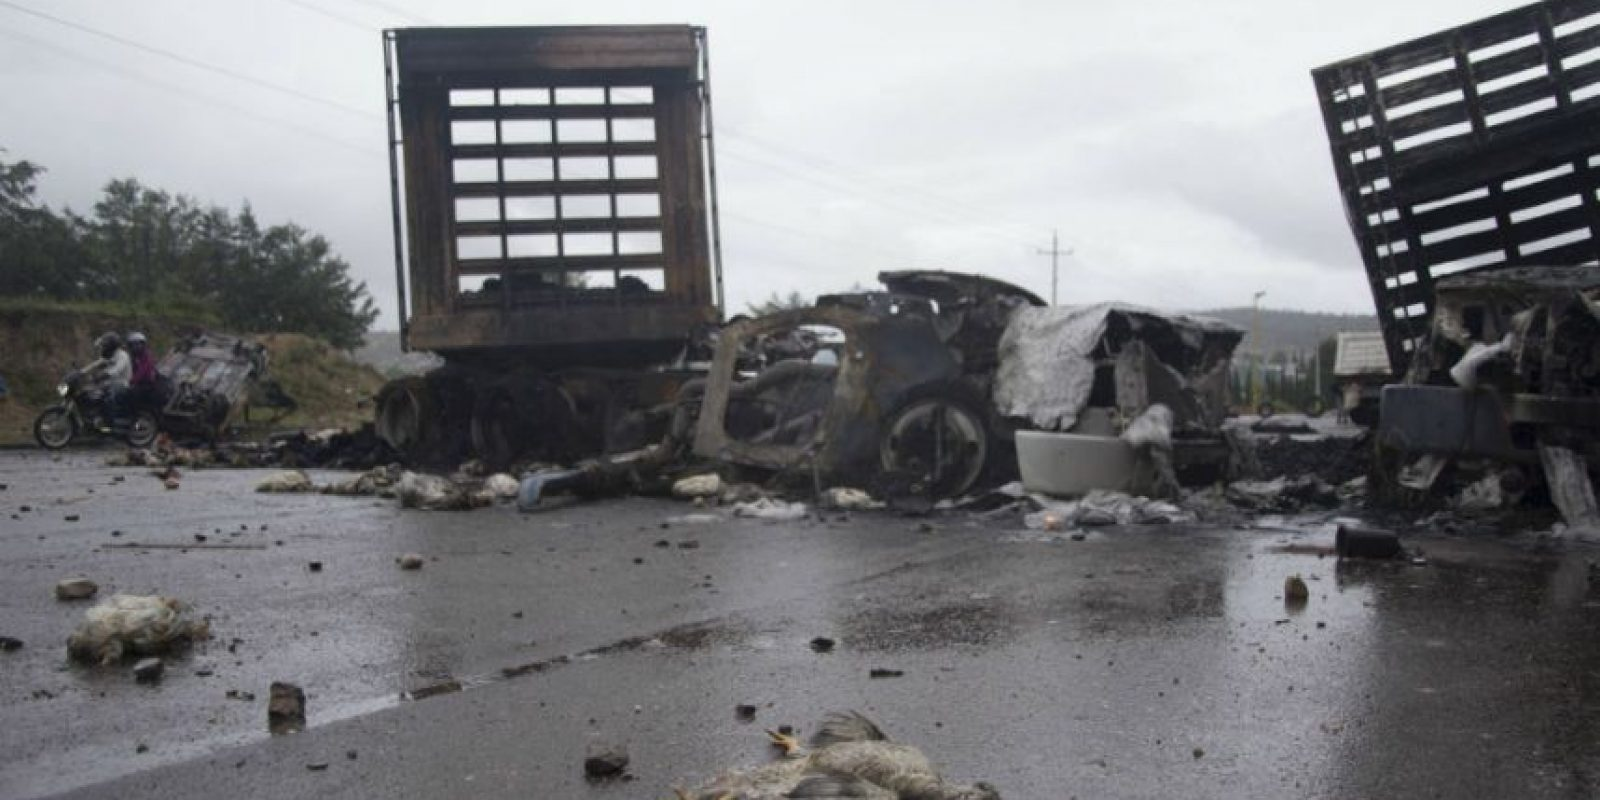 Hasta ahora se han confirmado 8 muertos tras el operativo de desbloqueo del domingo. Foto:Cuartoscuro